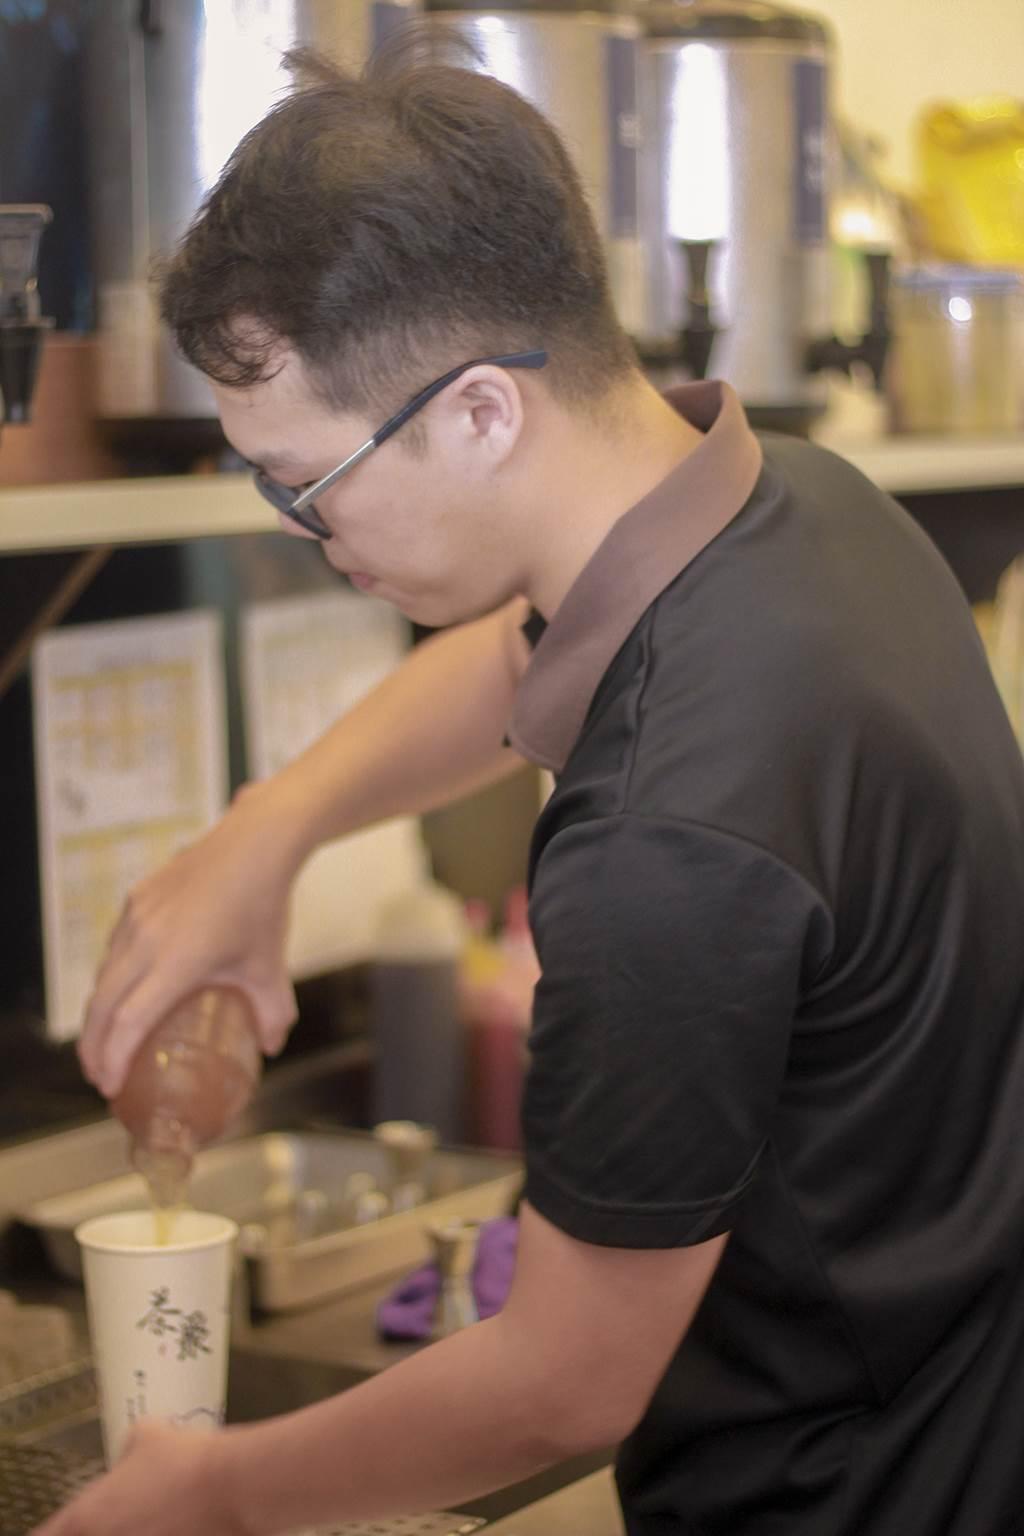 鄭先生親自為客人調製手搖茶。(圖/業者提供)